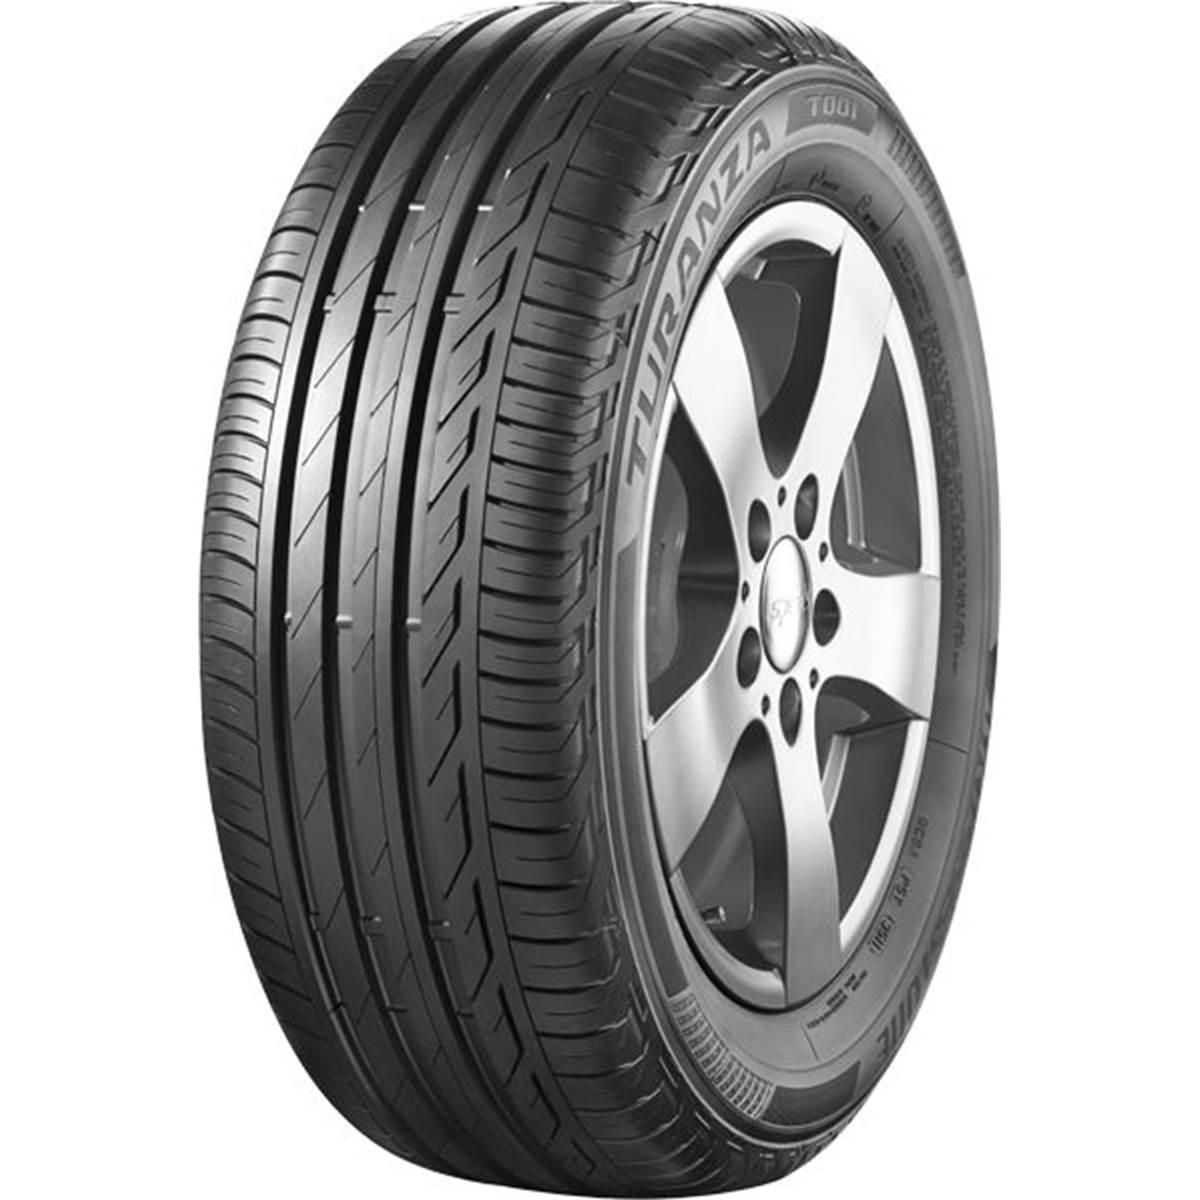 Bridgestone Bridgestone Turanza T001 205/65 R16 95 W